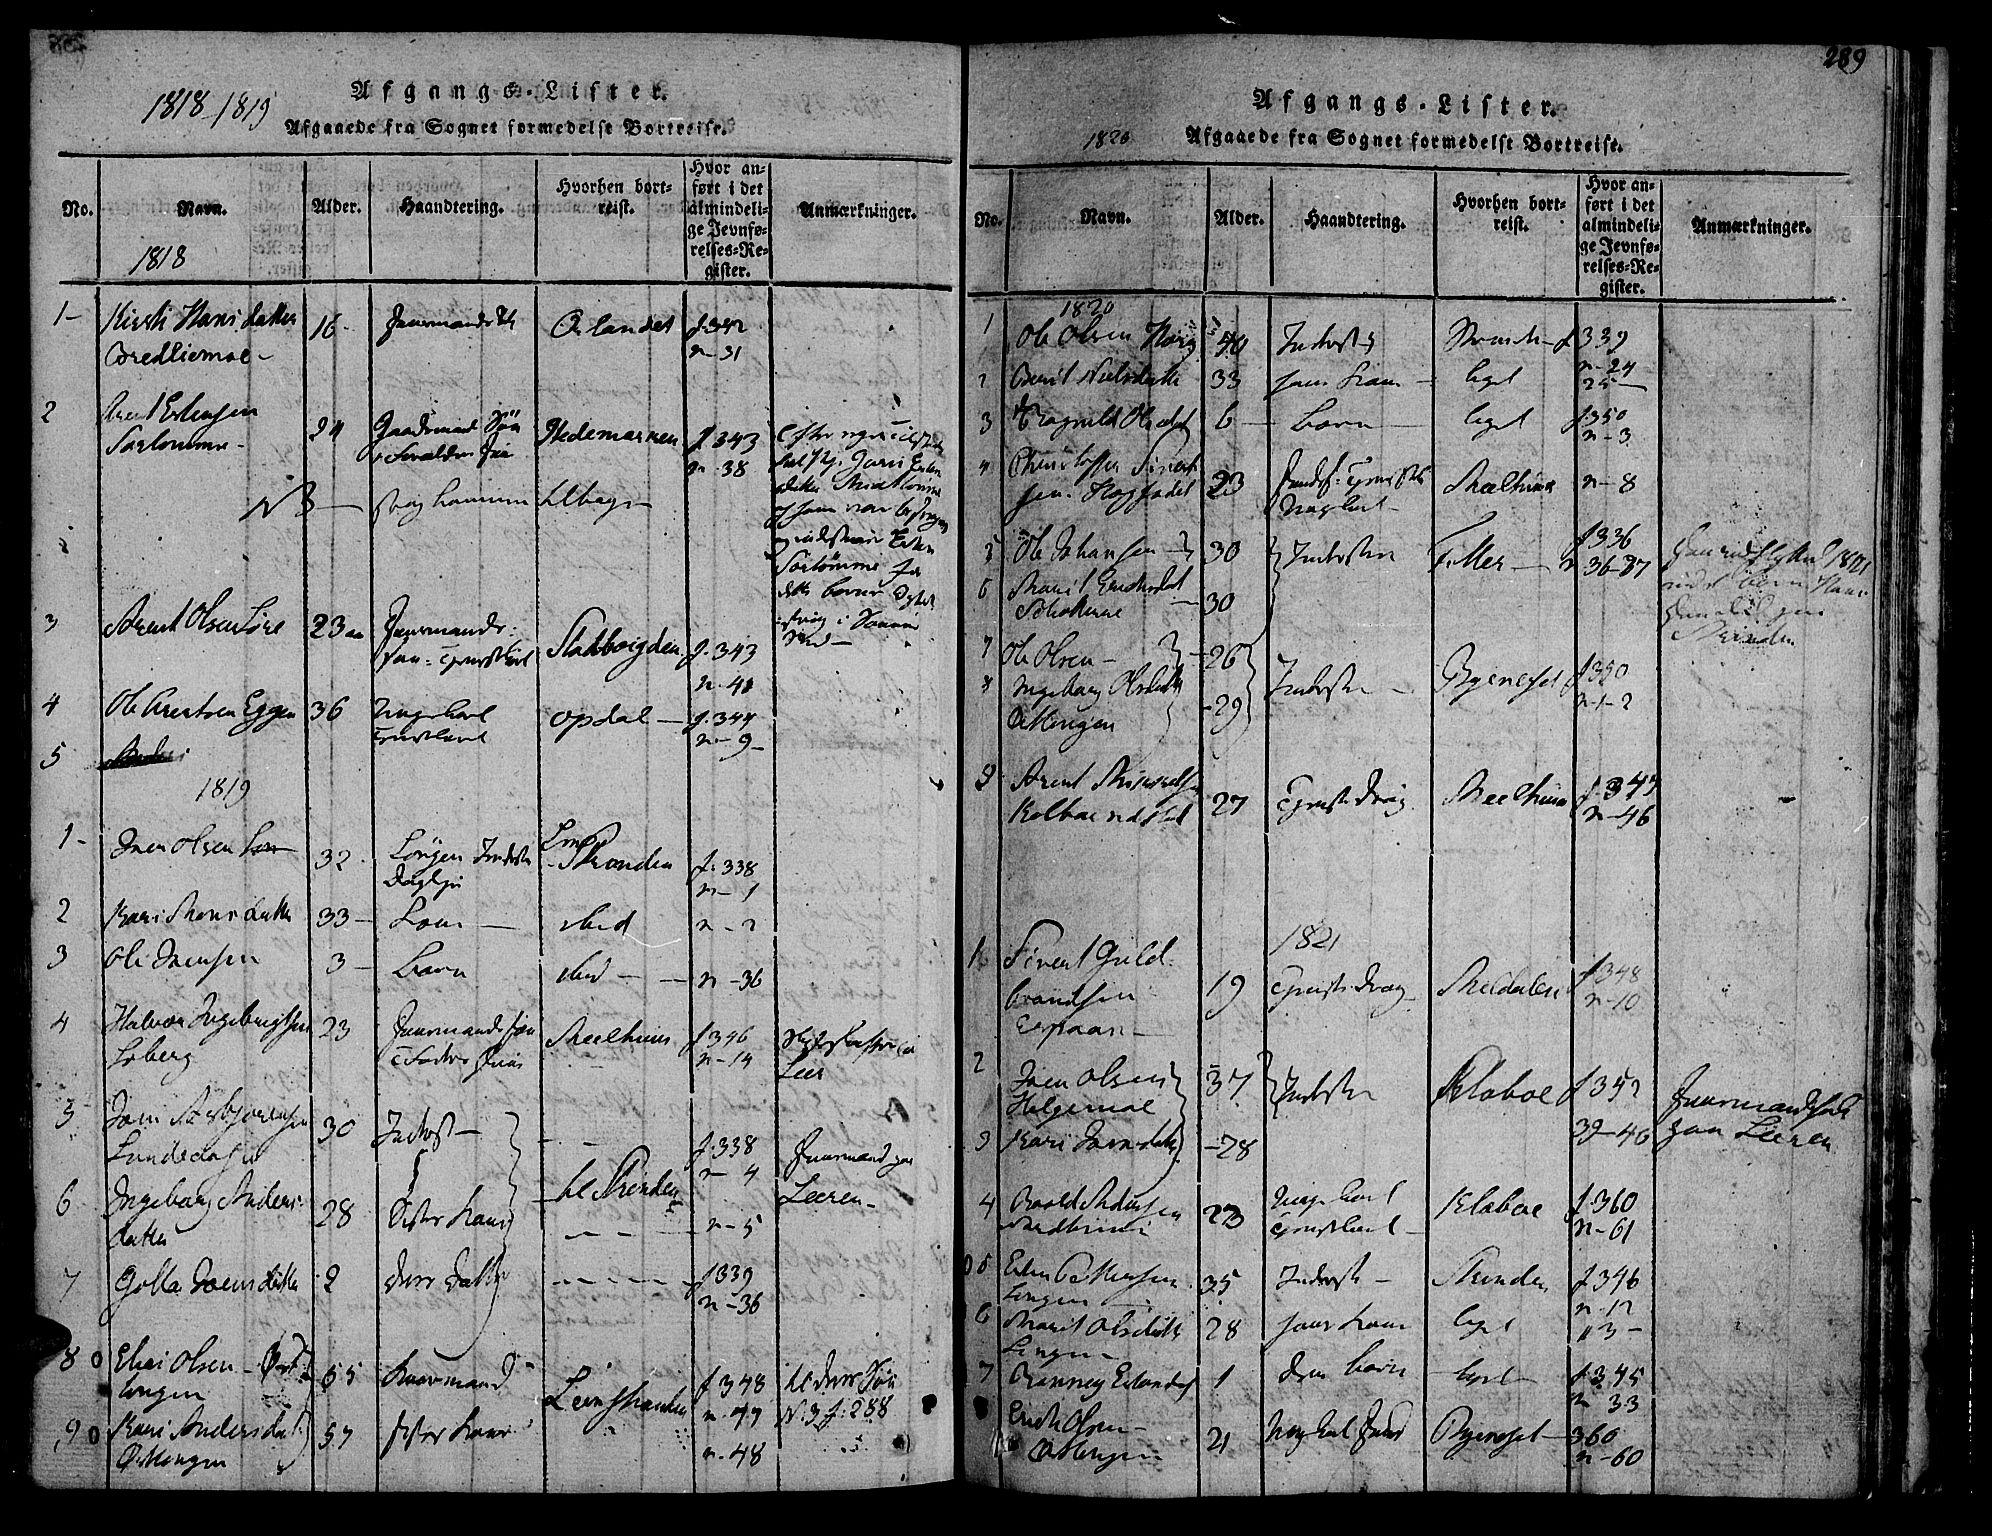 SAT, Ministerialprotokoller, klokkerbøker og fødselsregistre - Sør-Trøndelag, 692/L1102: Ministerialbok nr. 692A02, 1816-1842, s. 289